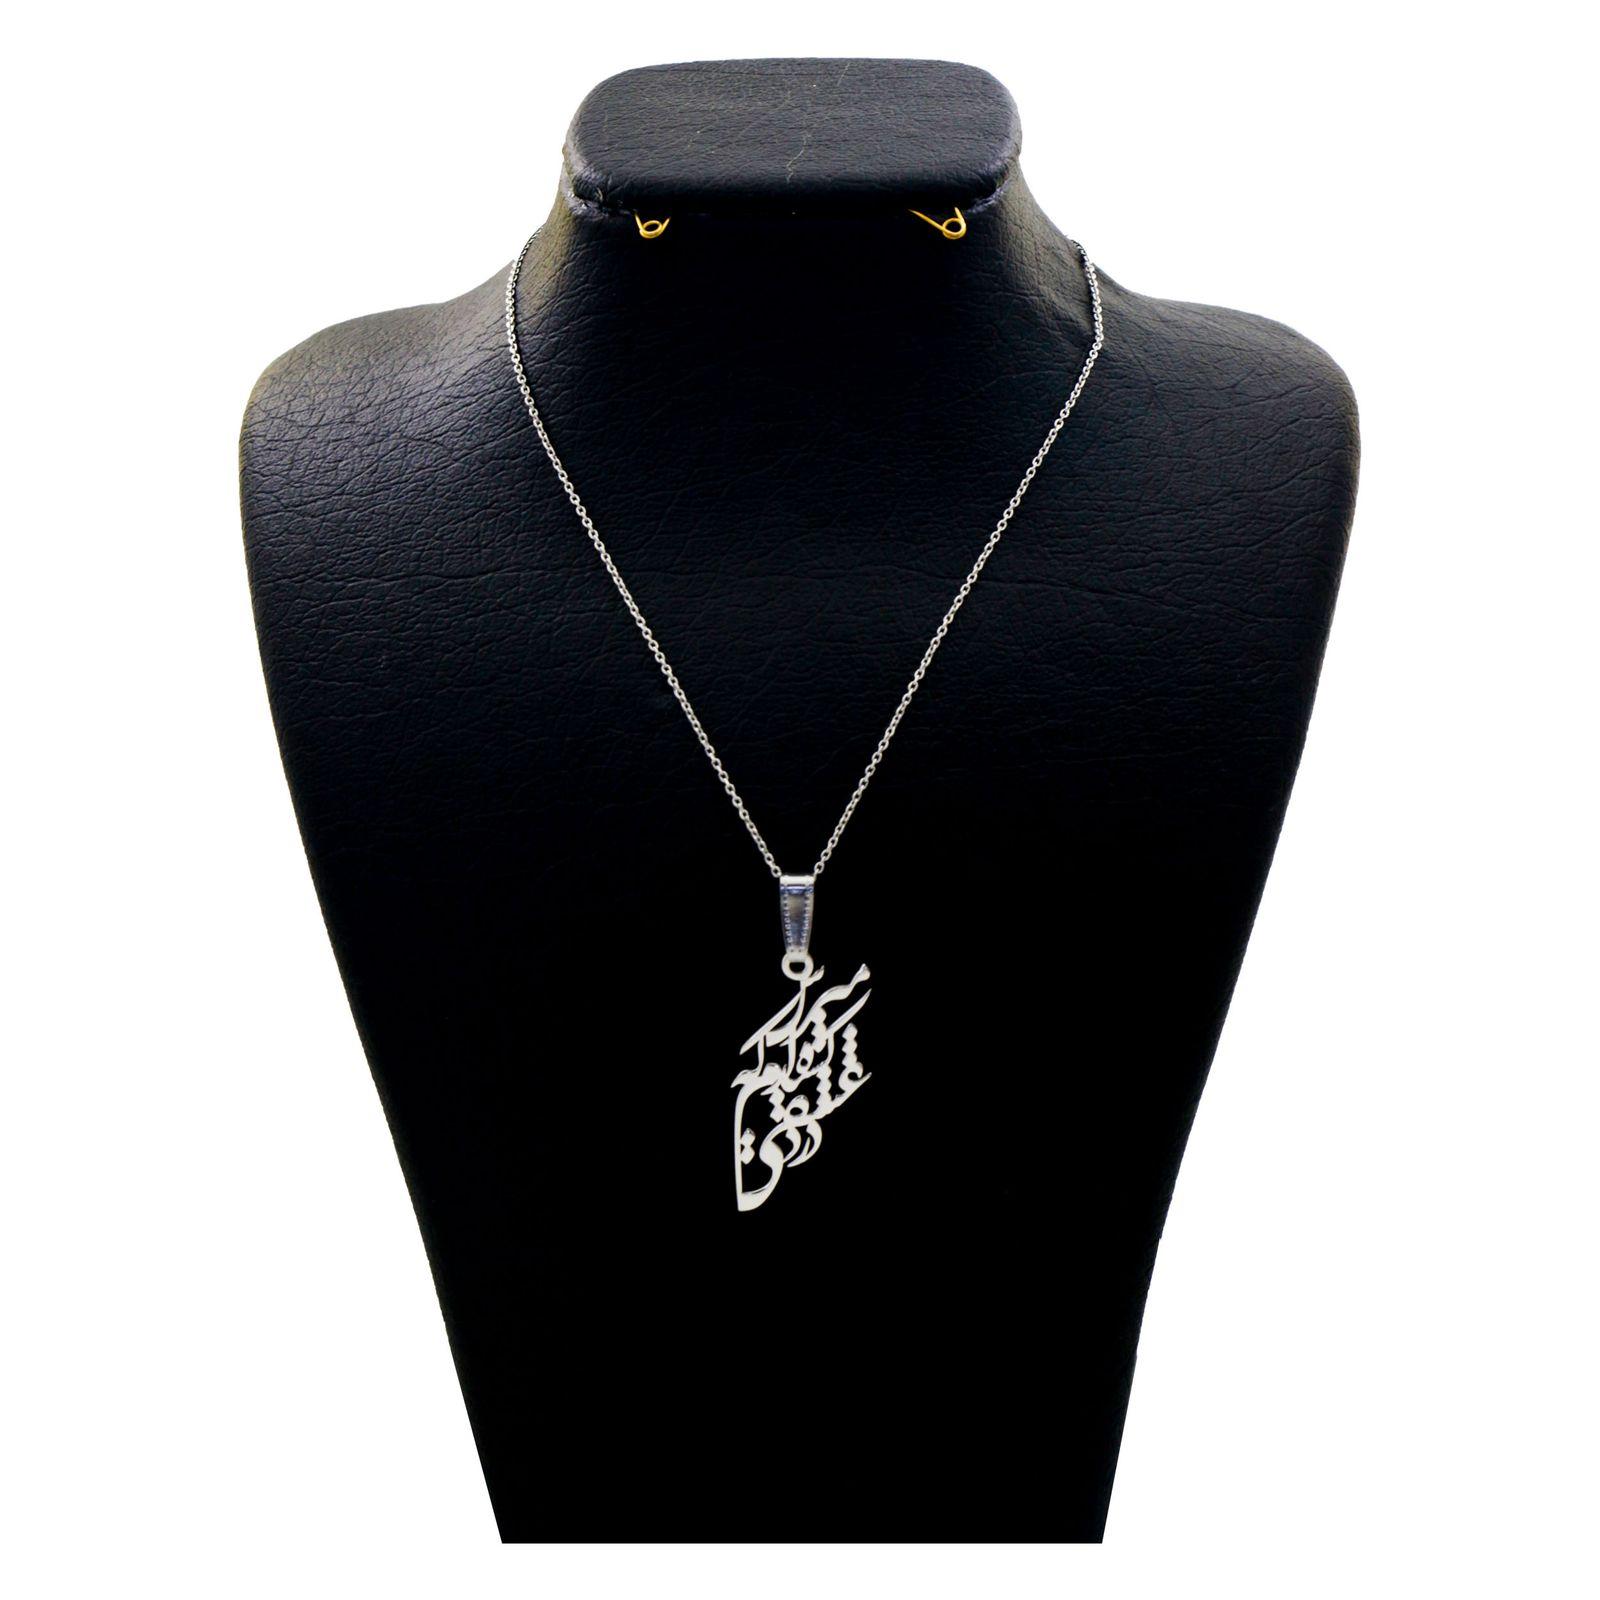 گردنبند نقره زنانه دلی جم طرح درد عشقی کشیده ام کد D 53 -  - 2